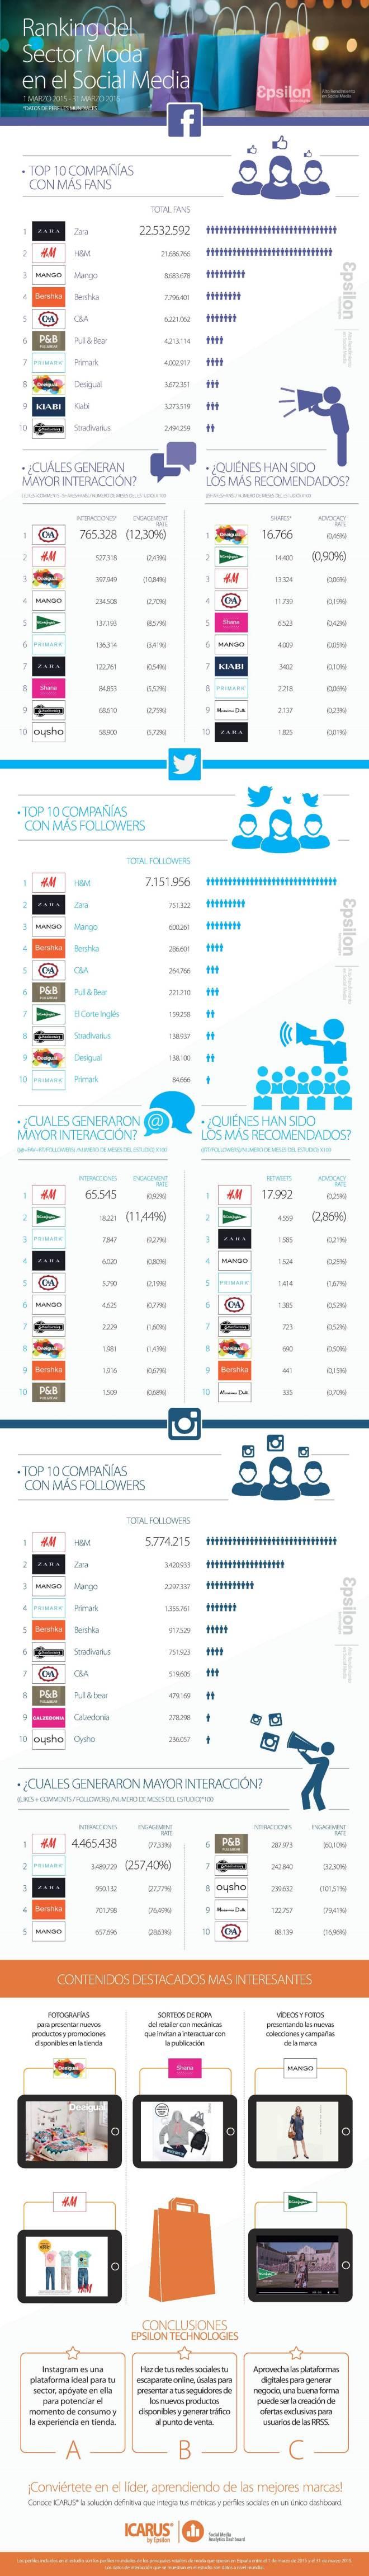 Ranking del sector moda en Redes Sociales